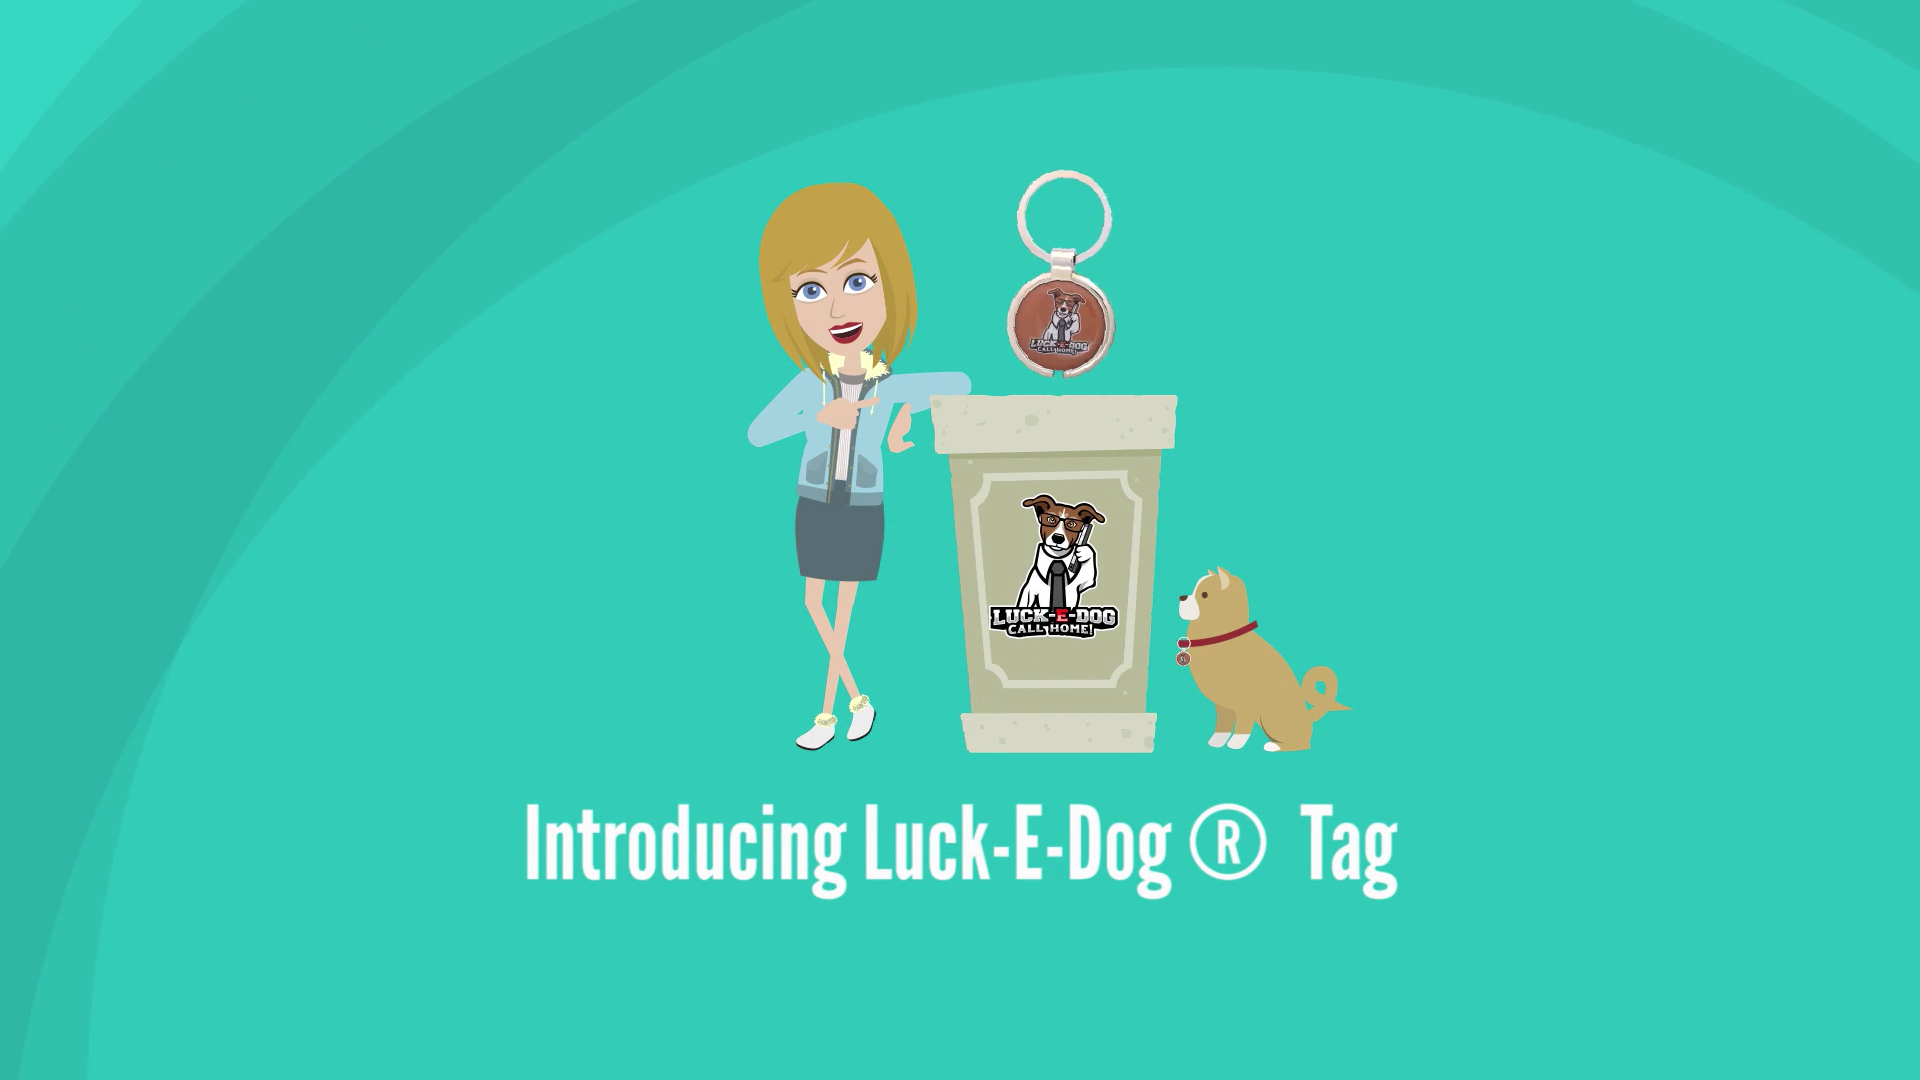 luck-e-dog tag